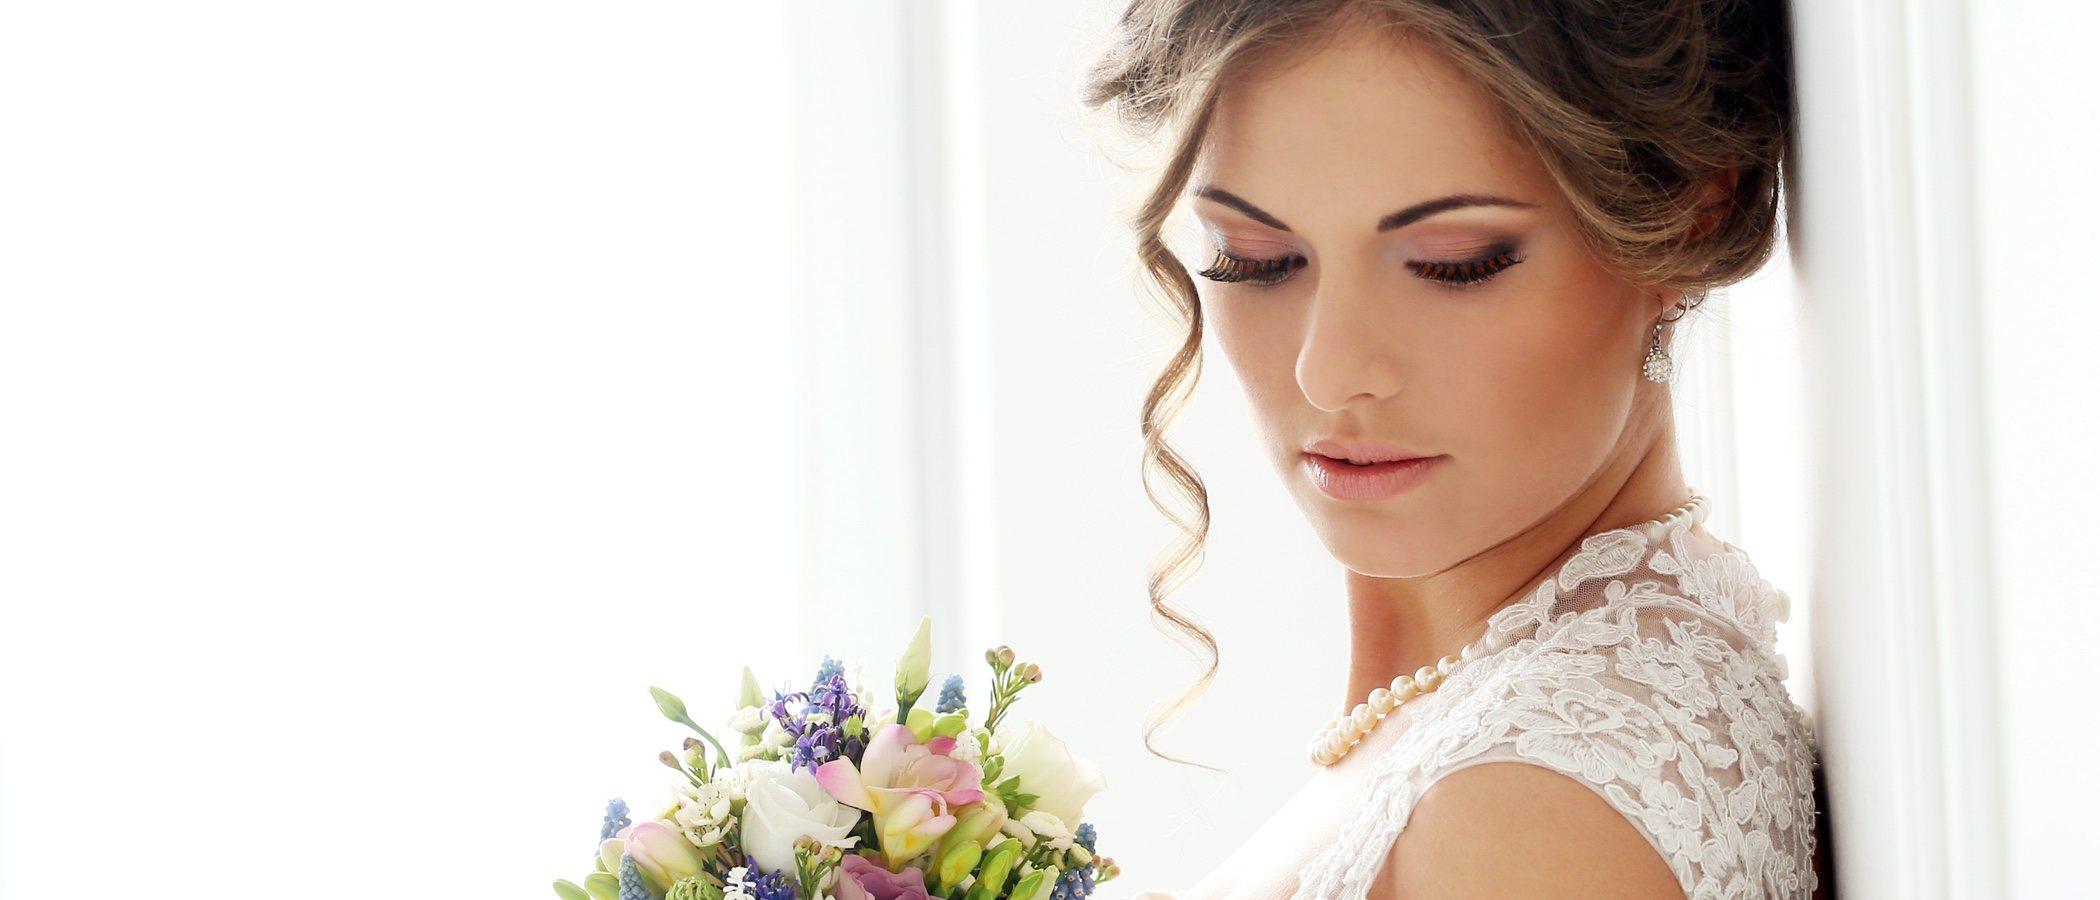 Cómo elegir las joyas para novias en el día de su boda